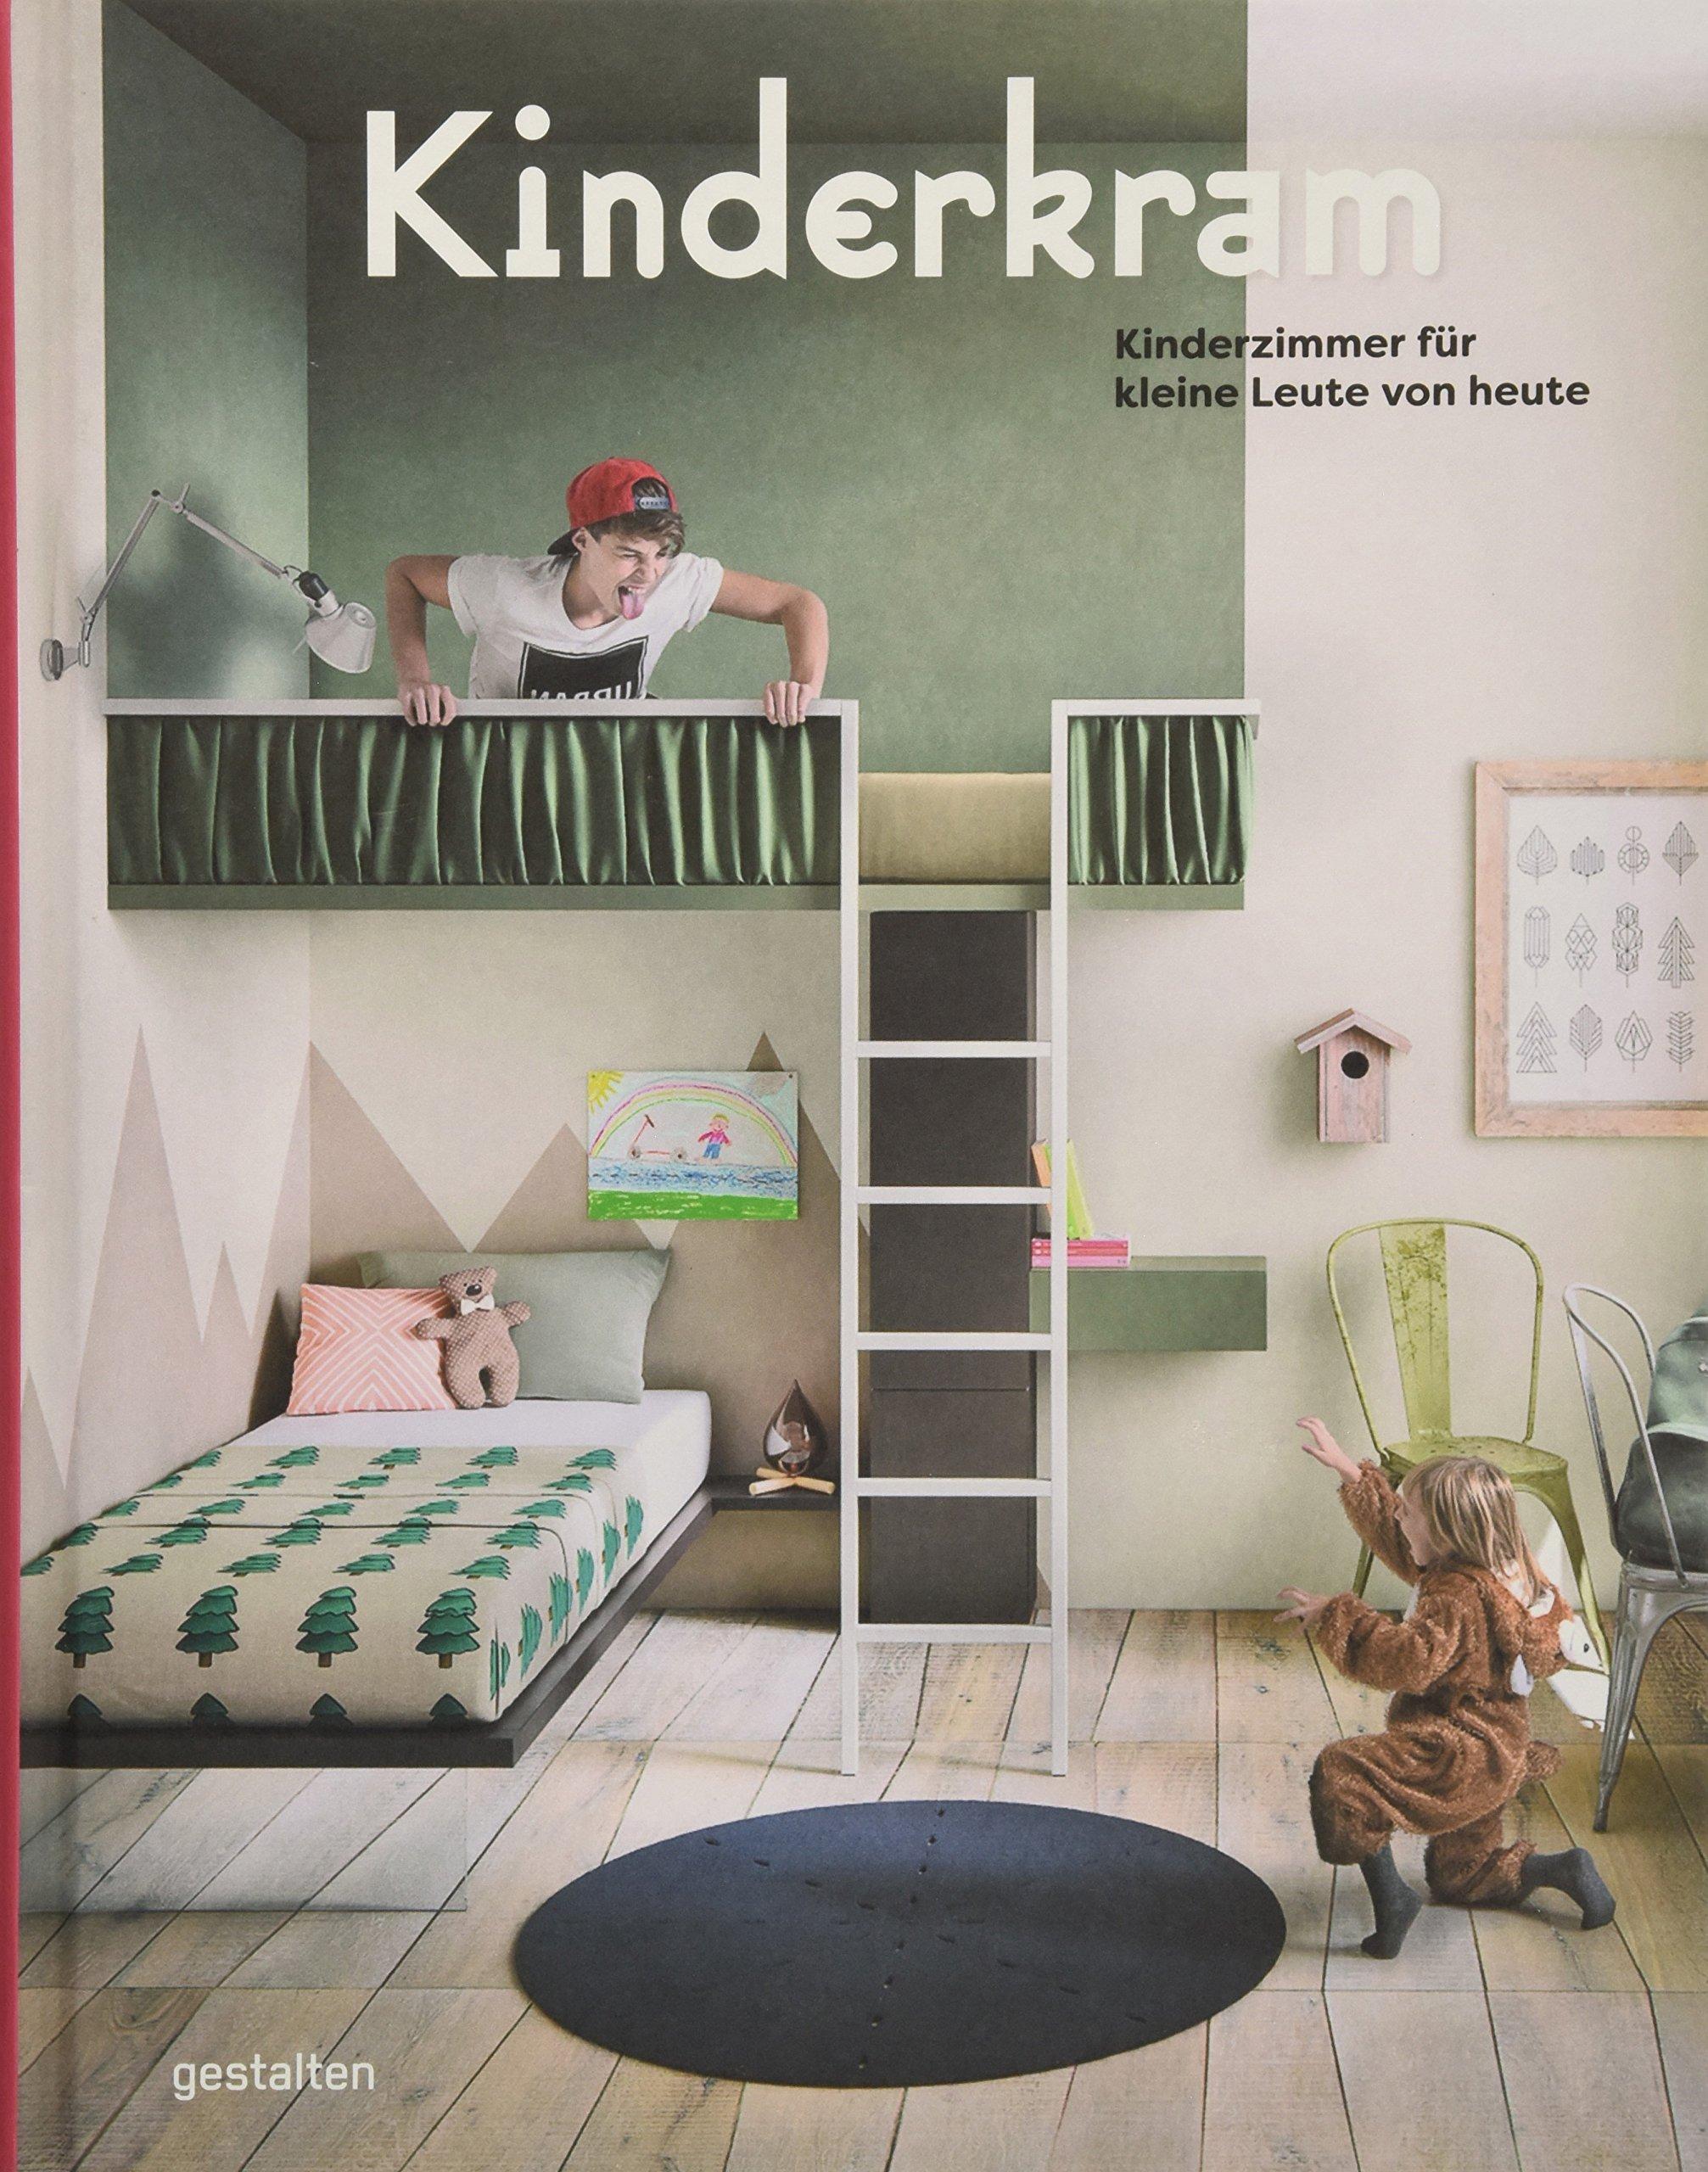 Kinderkram. Kinderzimmer für kleine Leute von heute: Amazon.de ...